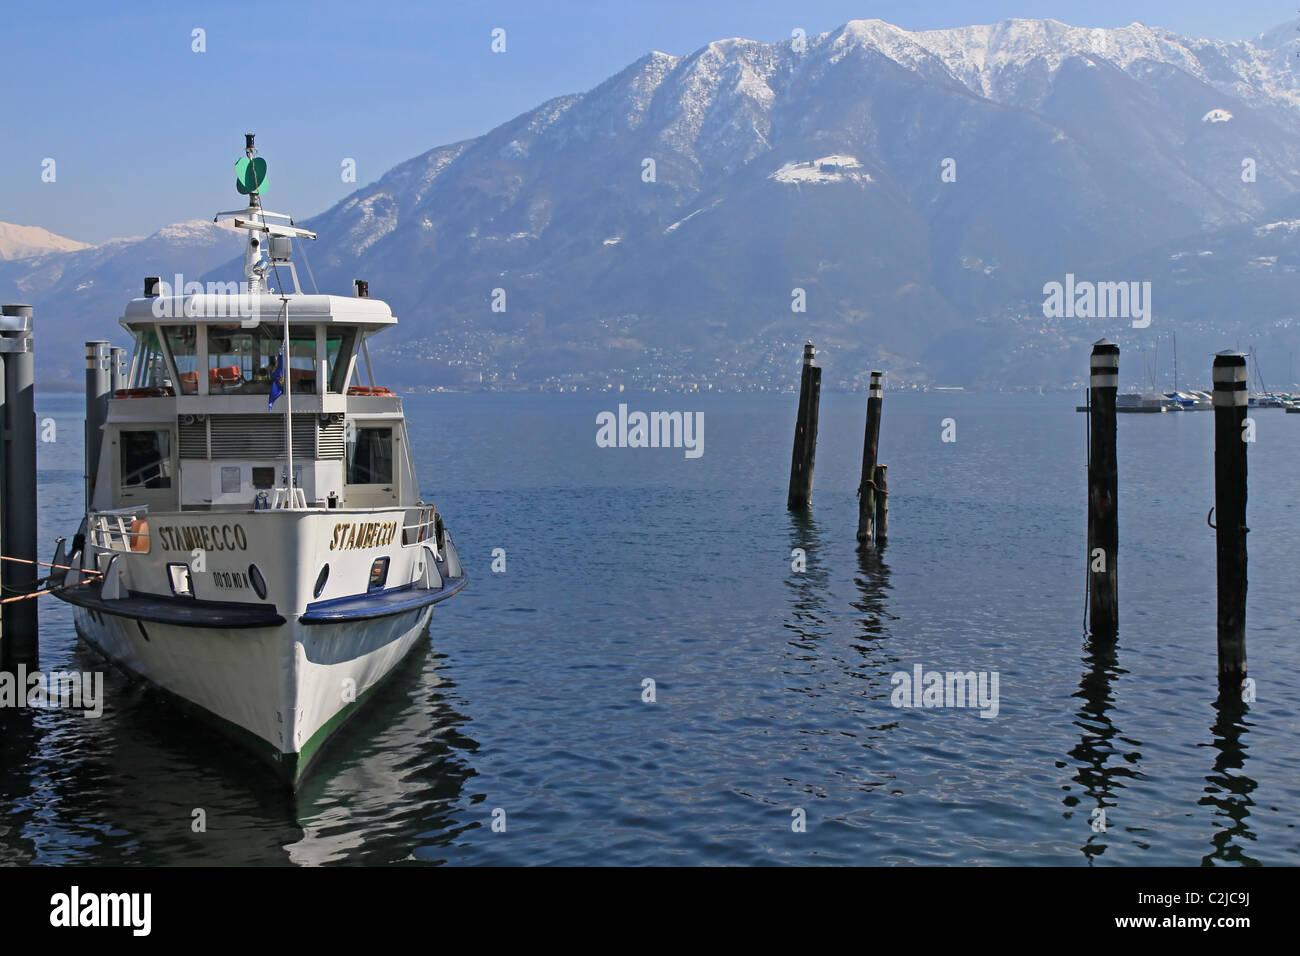 Locarno, Lake Maggiore, Ticino, Switzerland - Stock Image